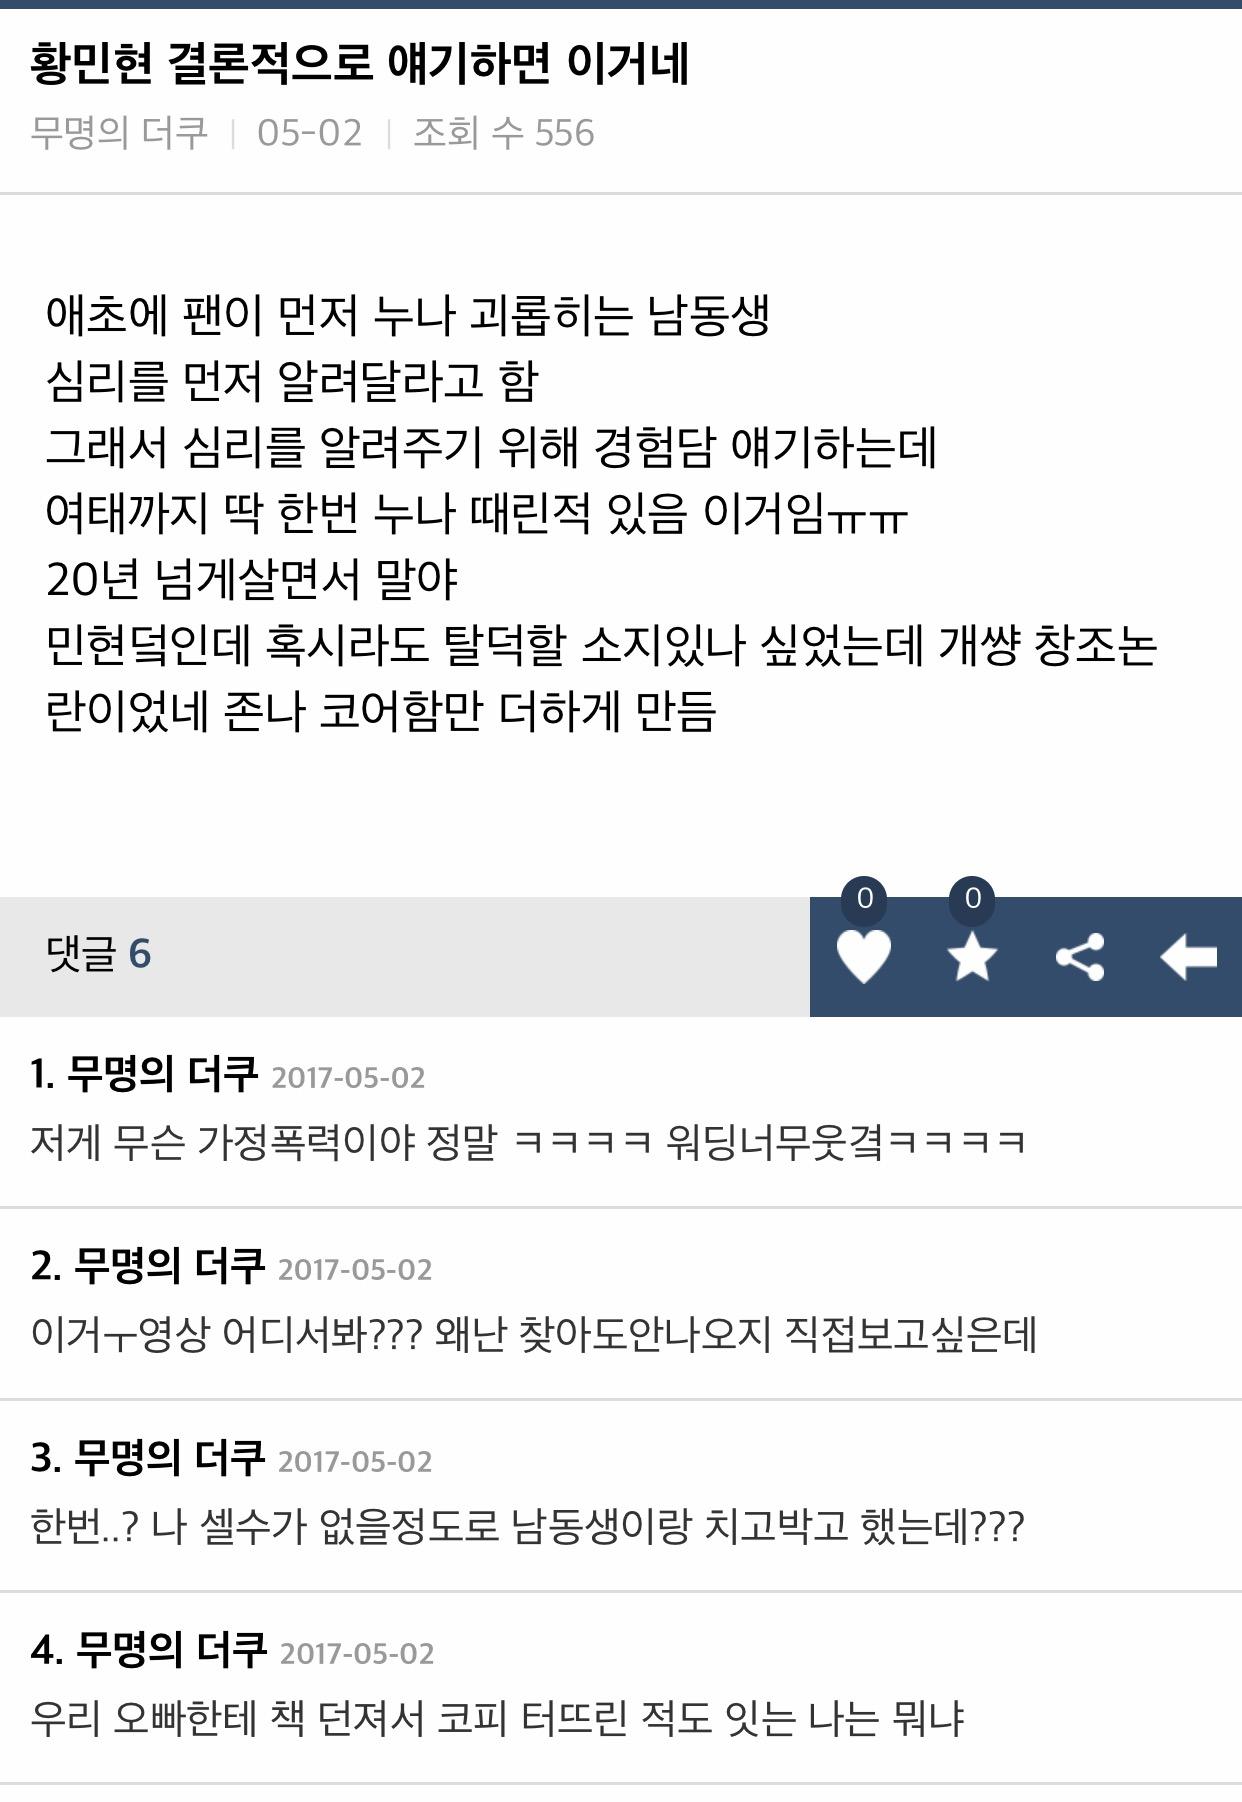 [워너원] 황민현씨, 누나에게 폭력행사 해명부탁..